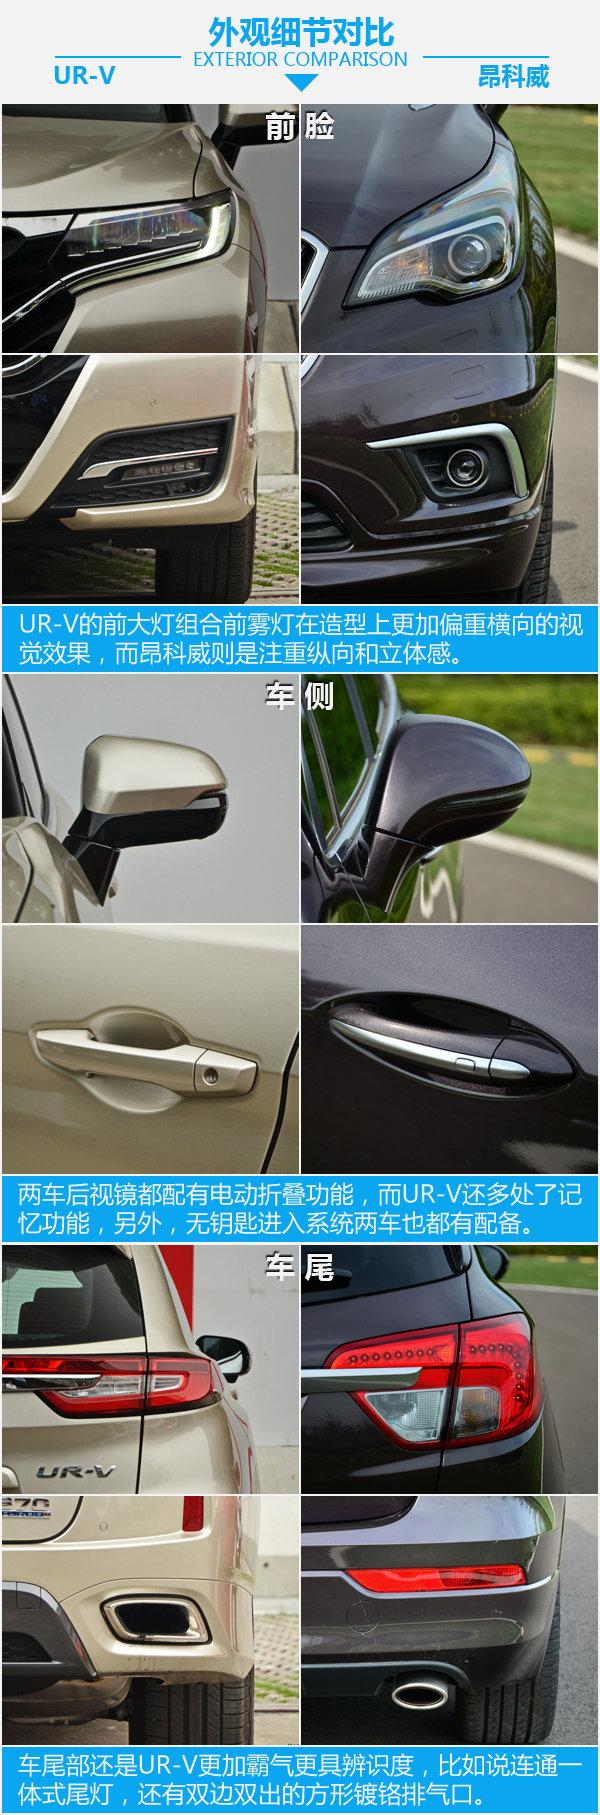 大五座SUV该怎么选 东风本田UR-V对比昂科威-图5